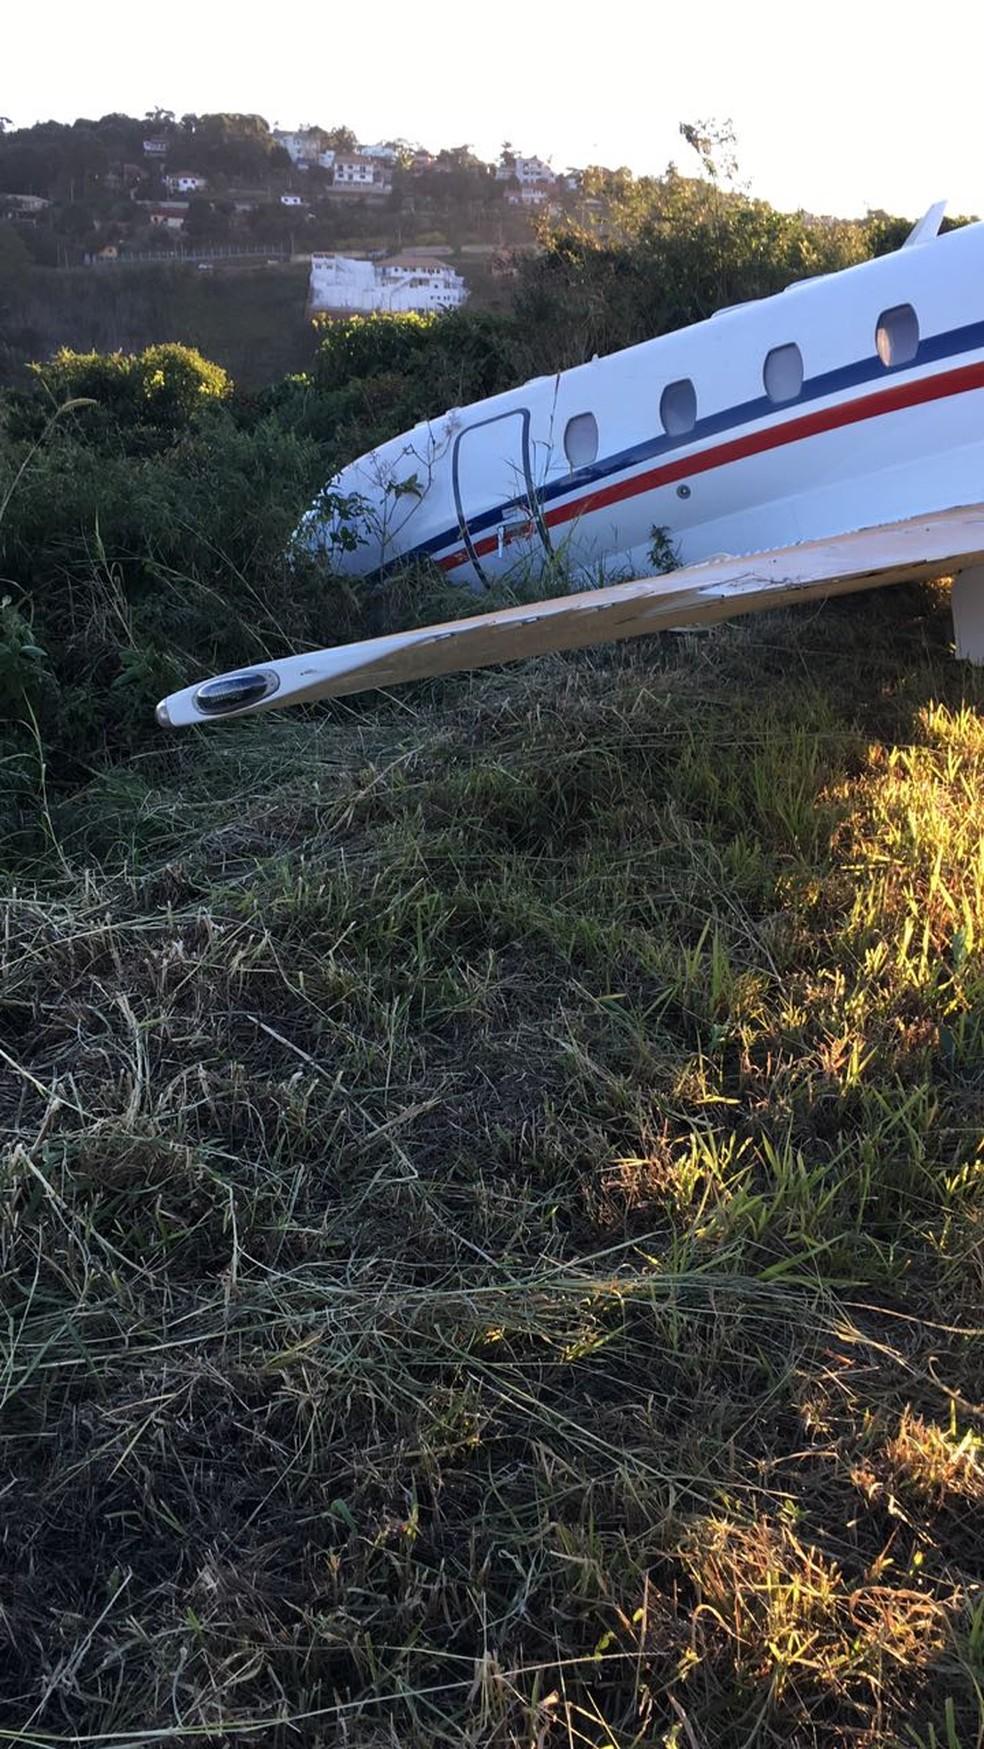 Aeronave que transportava o DJ Alok sai da pista em Juiz de Fora (Foto: Arquivo pessoal)